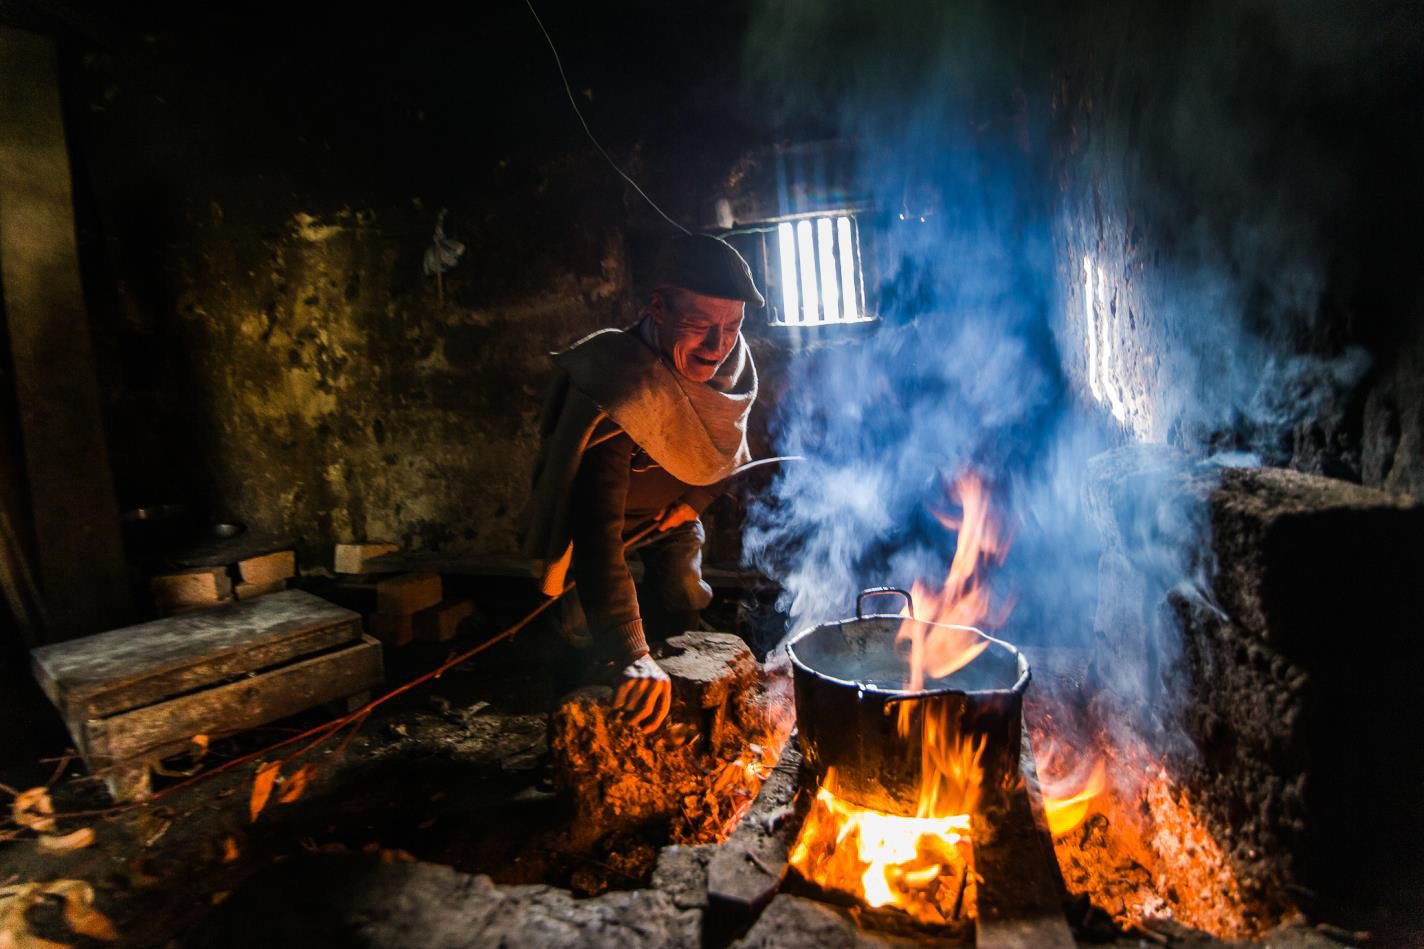 Al calor de la leña3-Kevin Oswaldo Molano Alarcón-Colombia